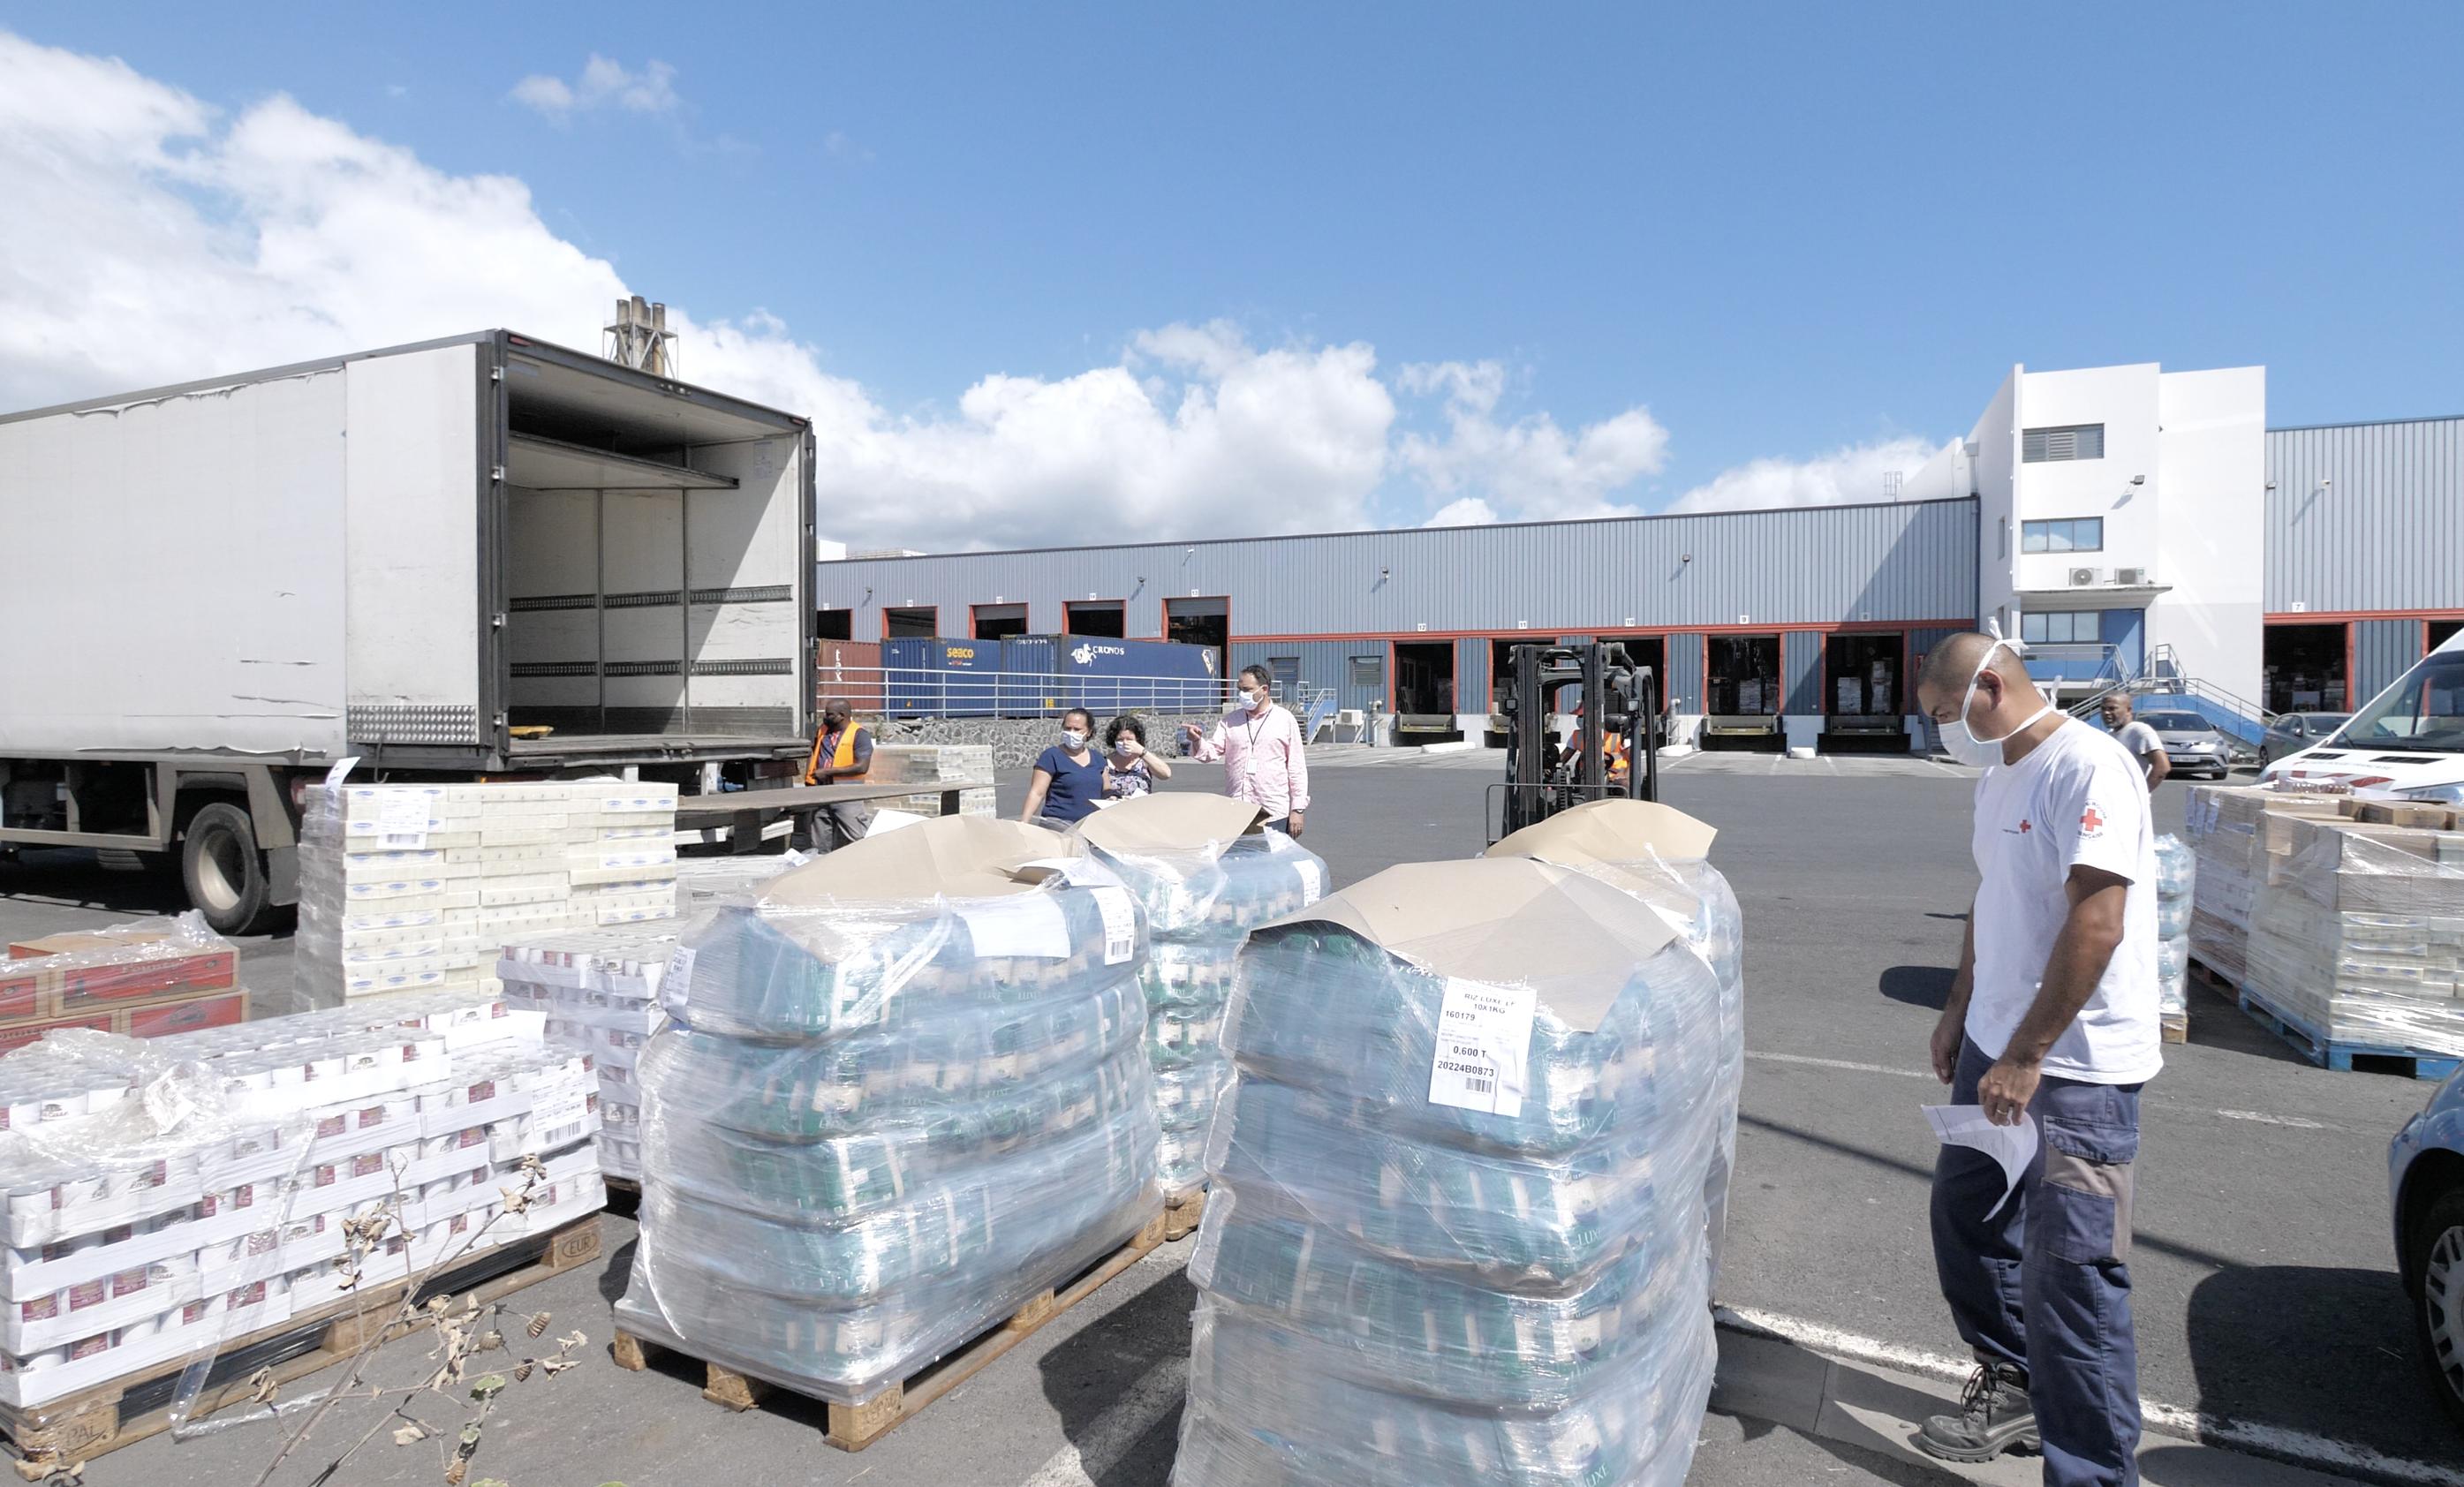 La Réunion : 12 000 colis vont être distribués dans le cadre de l'opération « Nout Colis Solidaire »